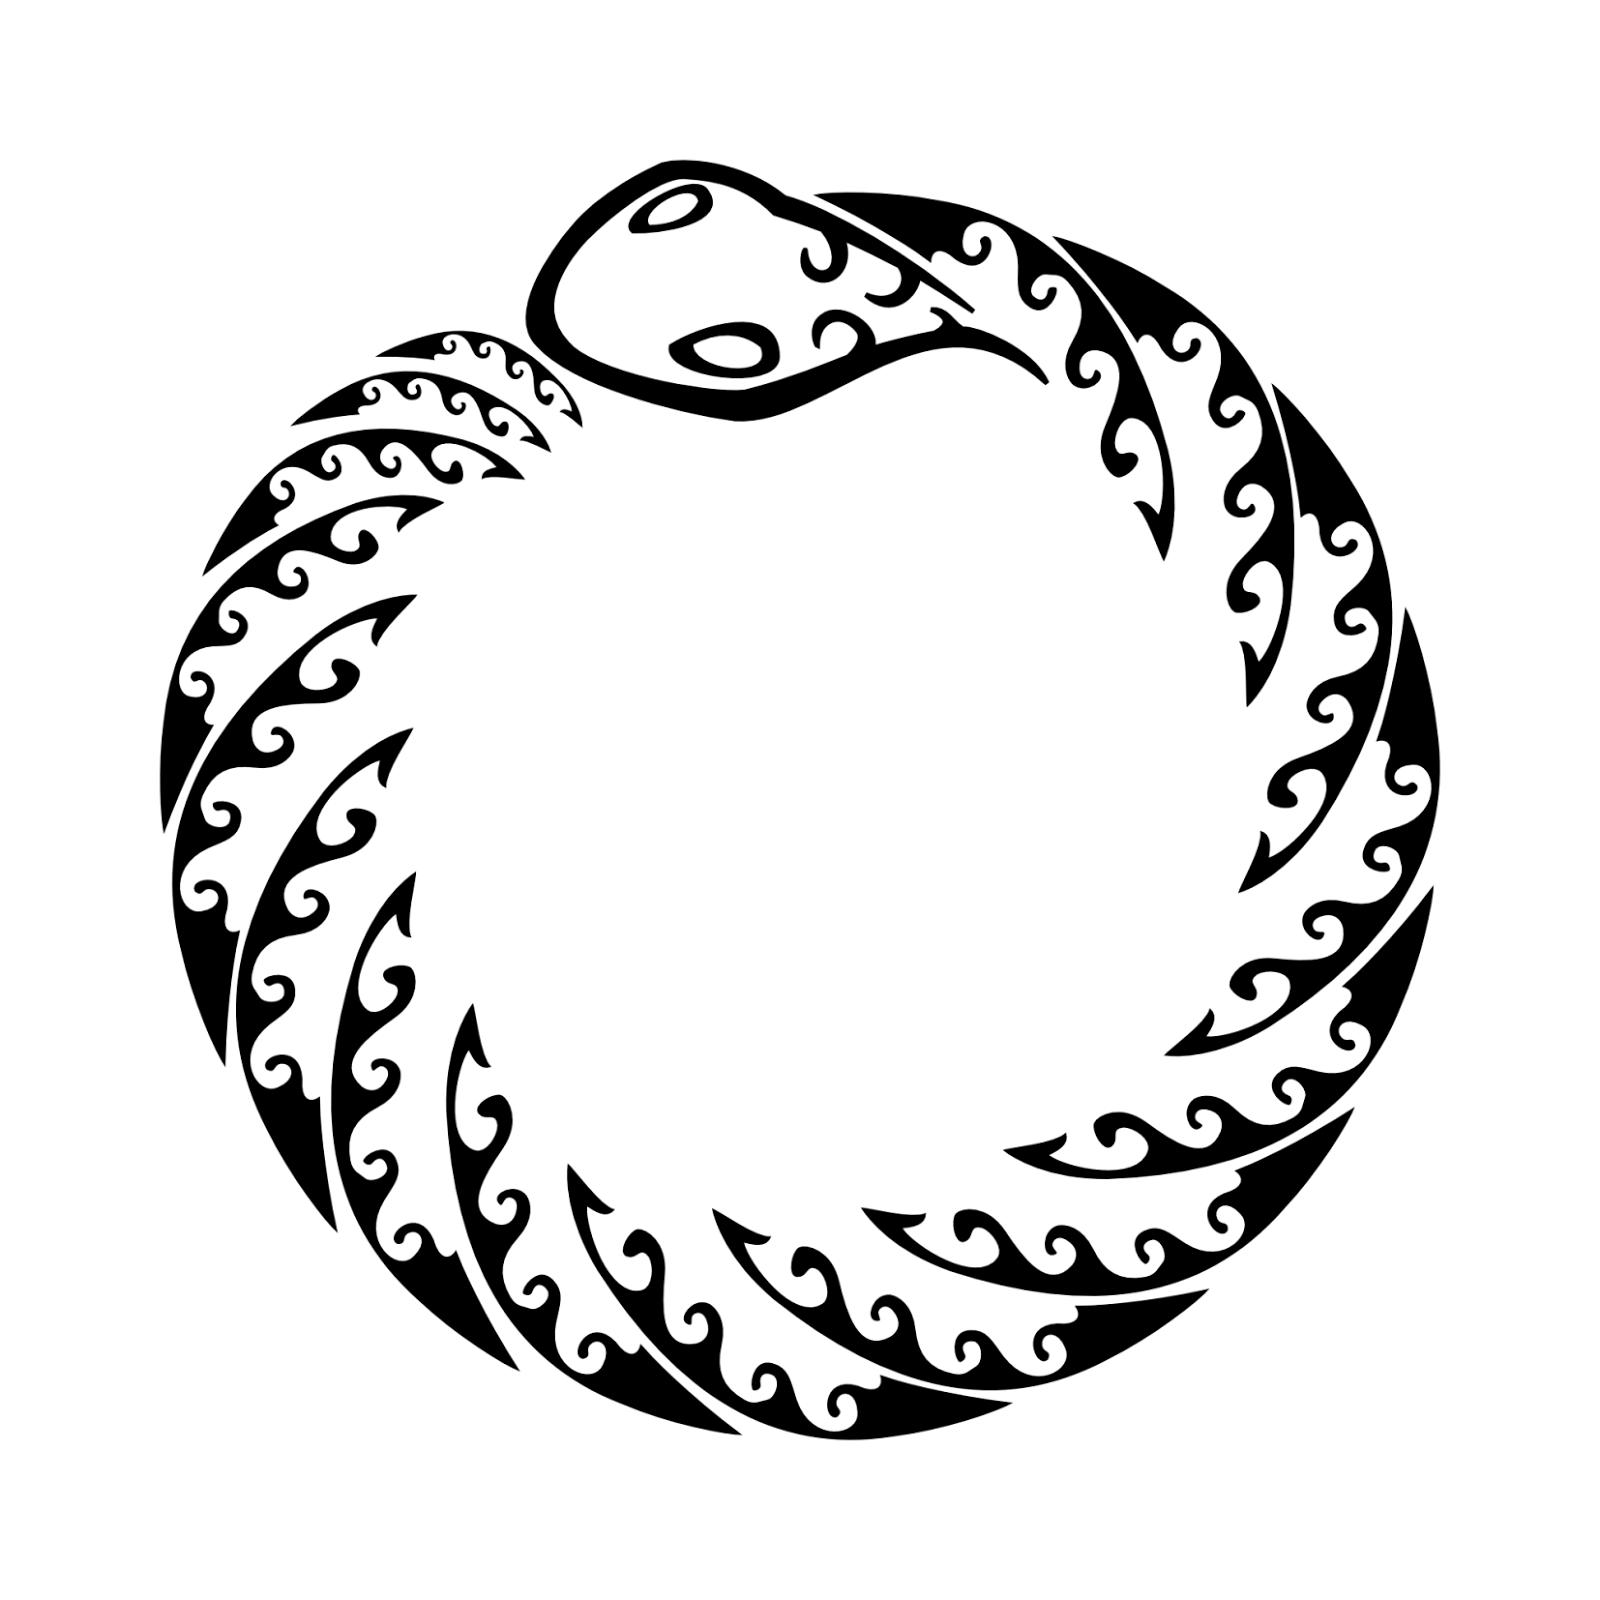 Ouroboros Tattoo Design: Flames-onthesideofmyface: Ouroboros Tattoo Design Images